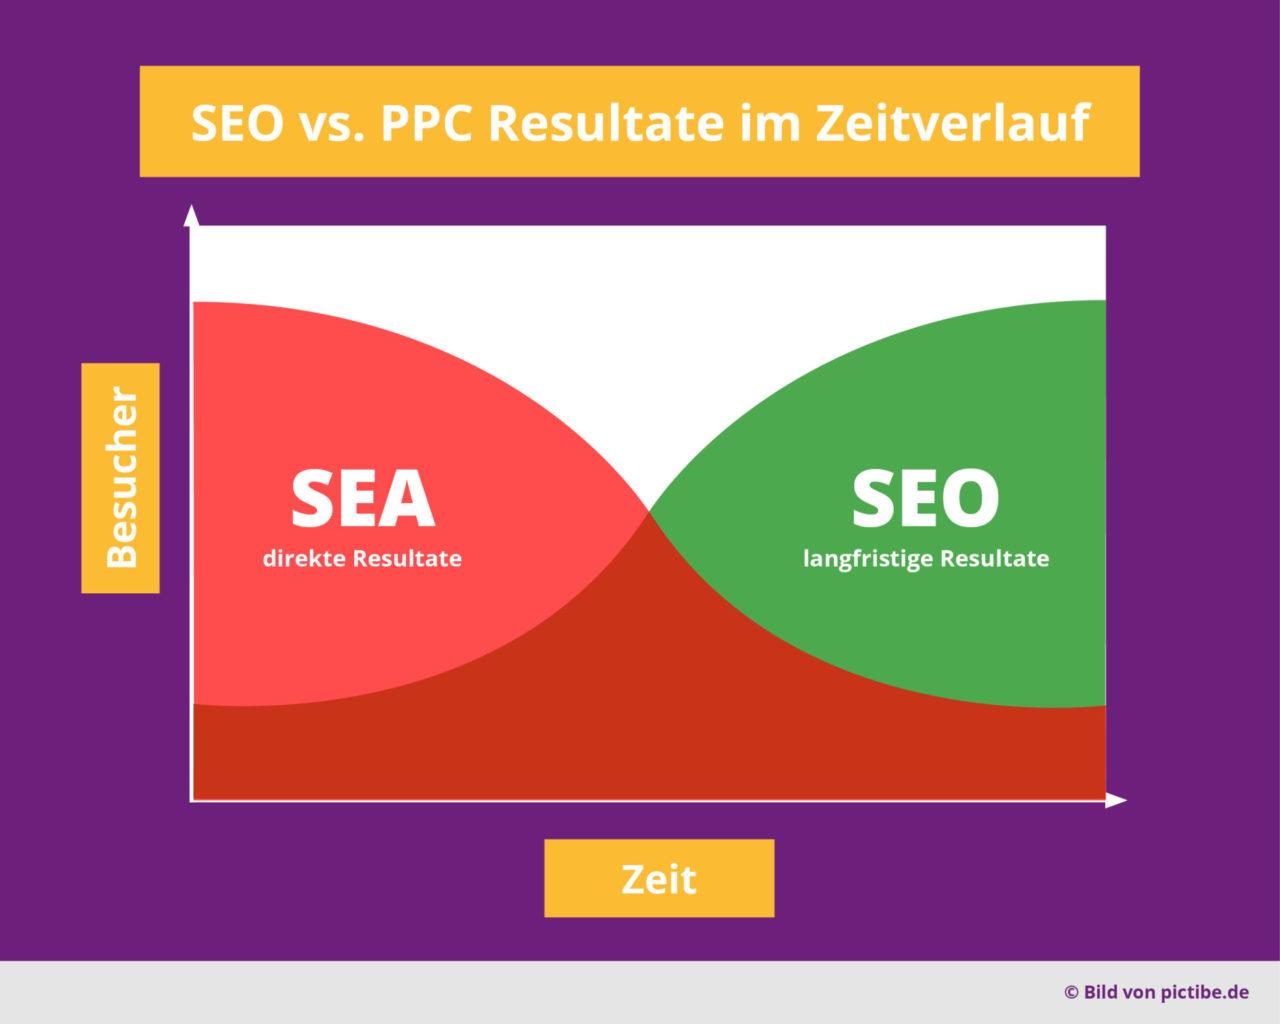 Seo Vs Sea Ppc Suchmaschinenoptimierung Suchmaschinenwerbung Suchmaschinenmarketing Vorteile Nachteile Zeitverlauf Schnell Langsam